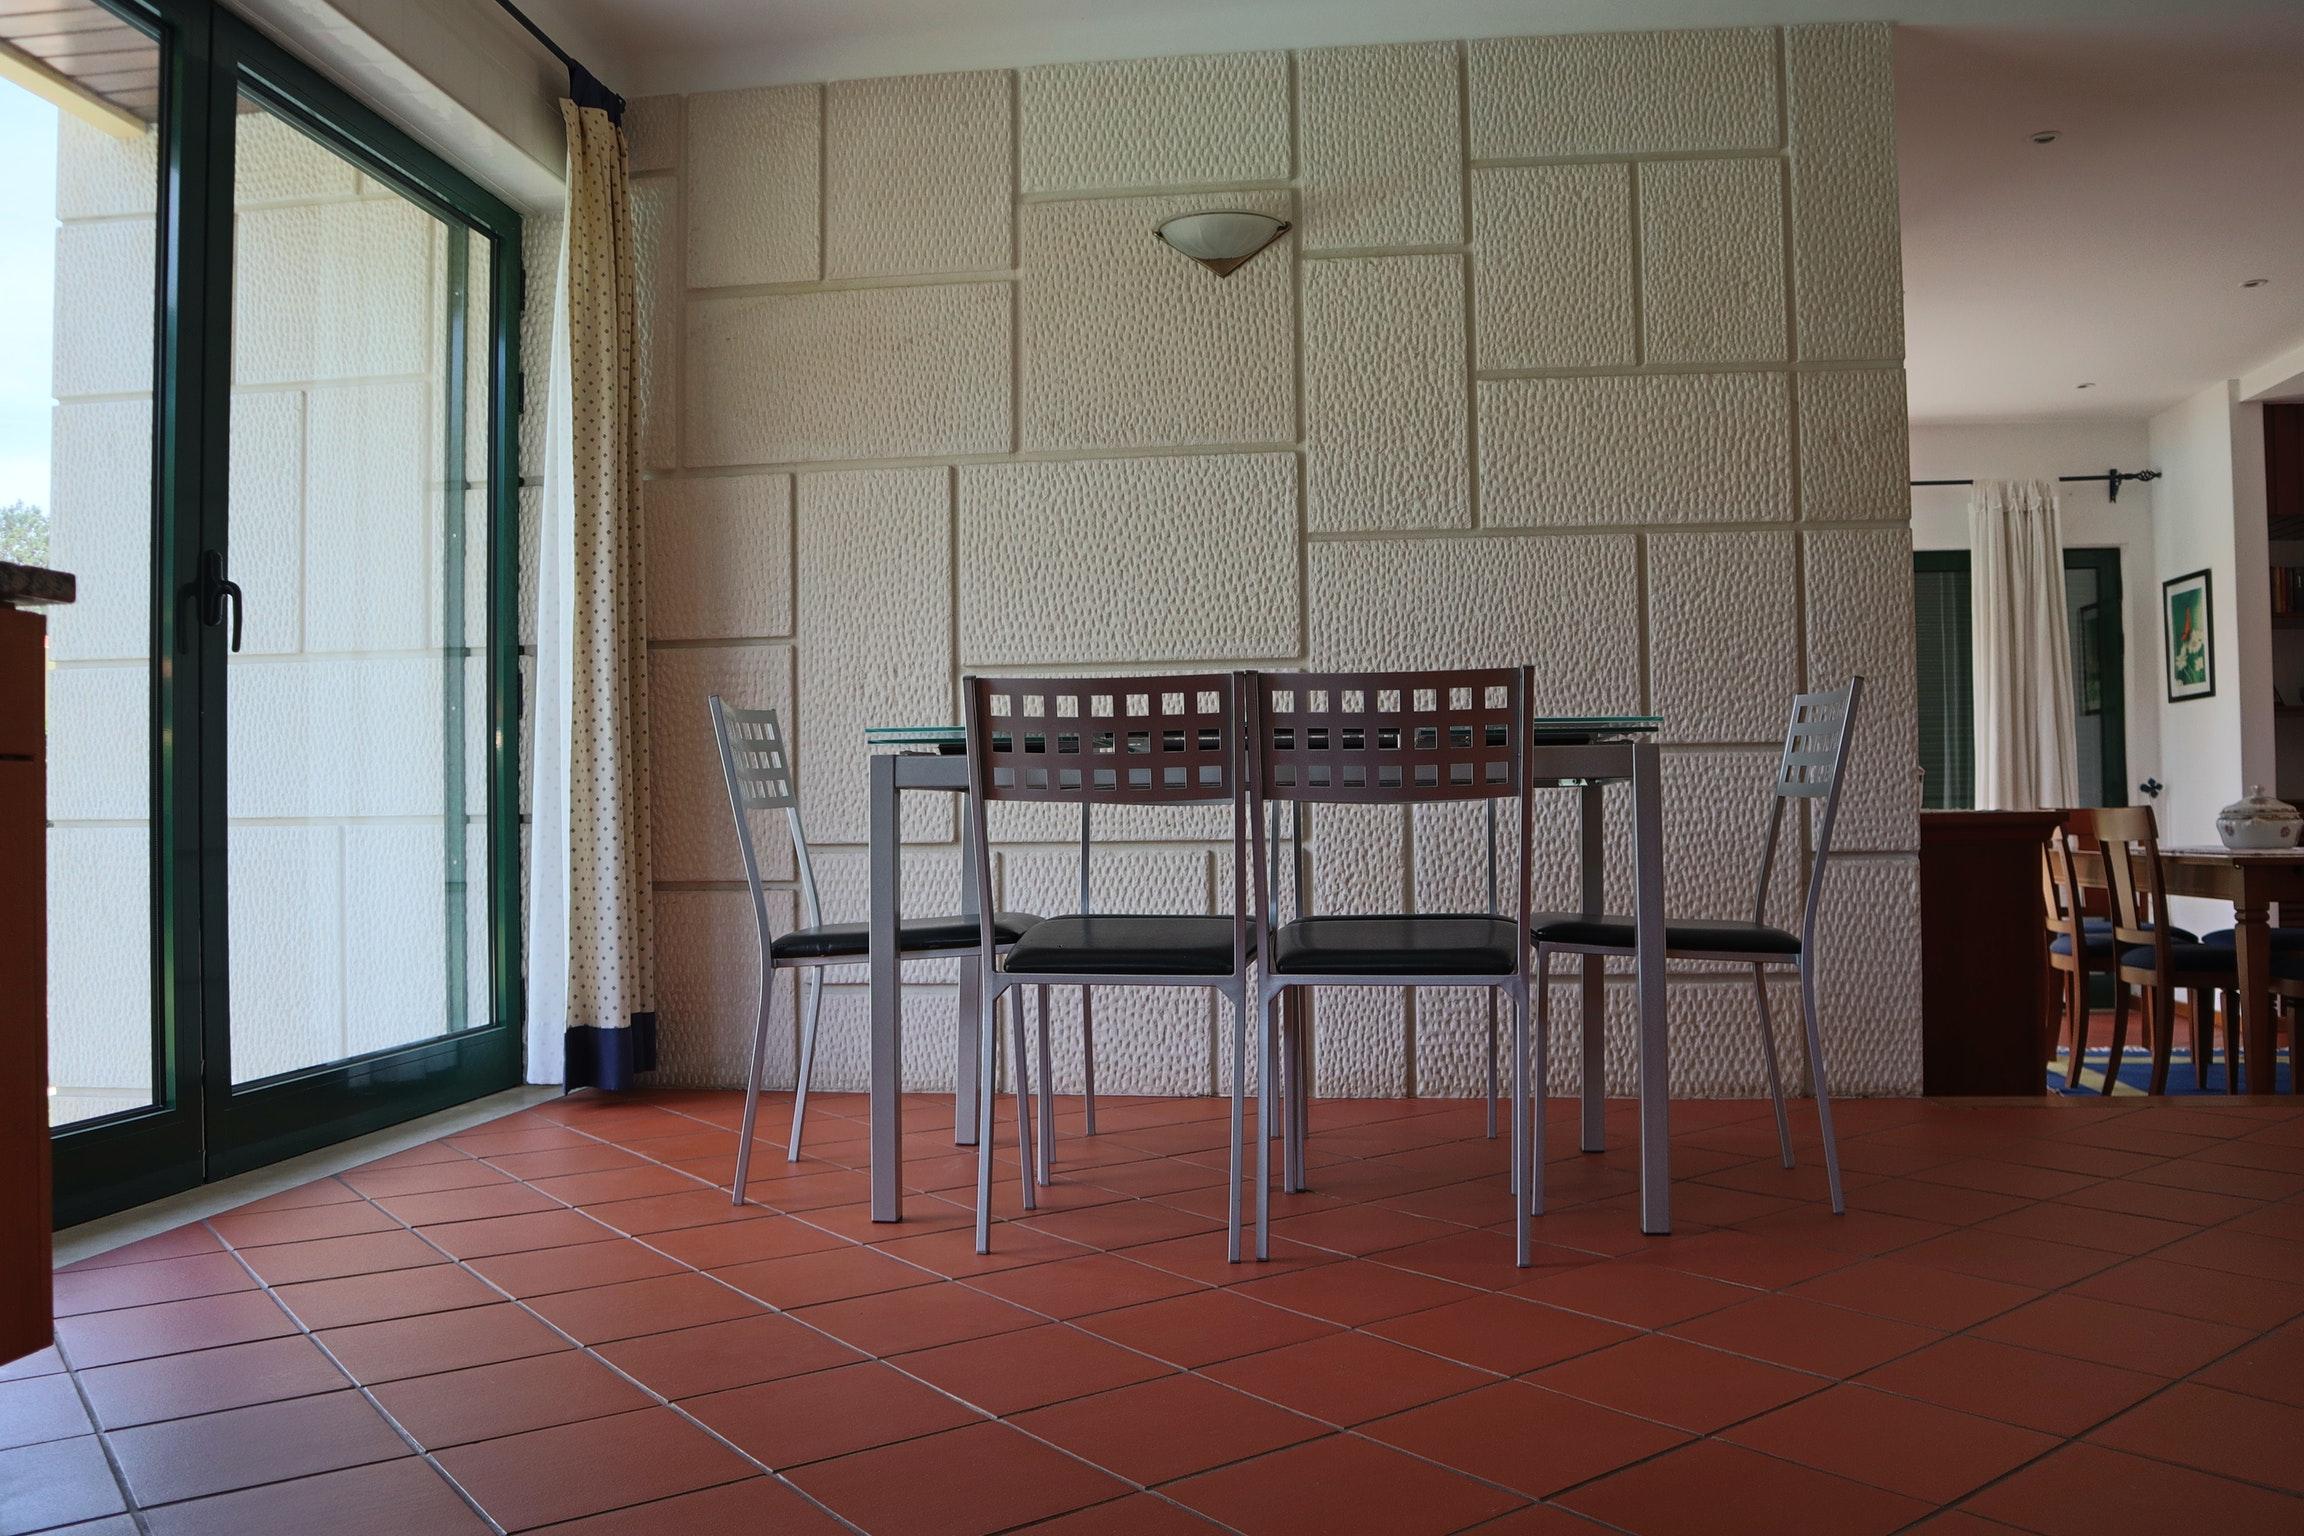 Ferienhaus Villa mit 4 Schlafzimmern in Praia de Mira mit privatem Pool, eingezäuntem Garten und W-LA (2623071), Praia de Mira, Costa de Prata, Zentral-Portugal, Portugal, Bild 18